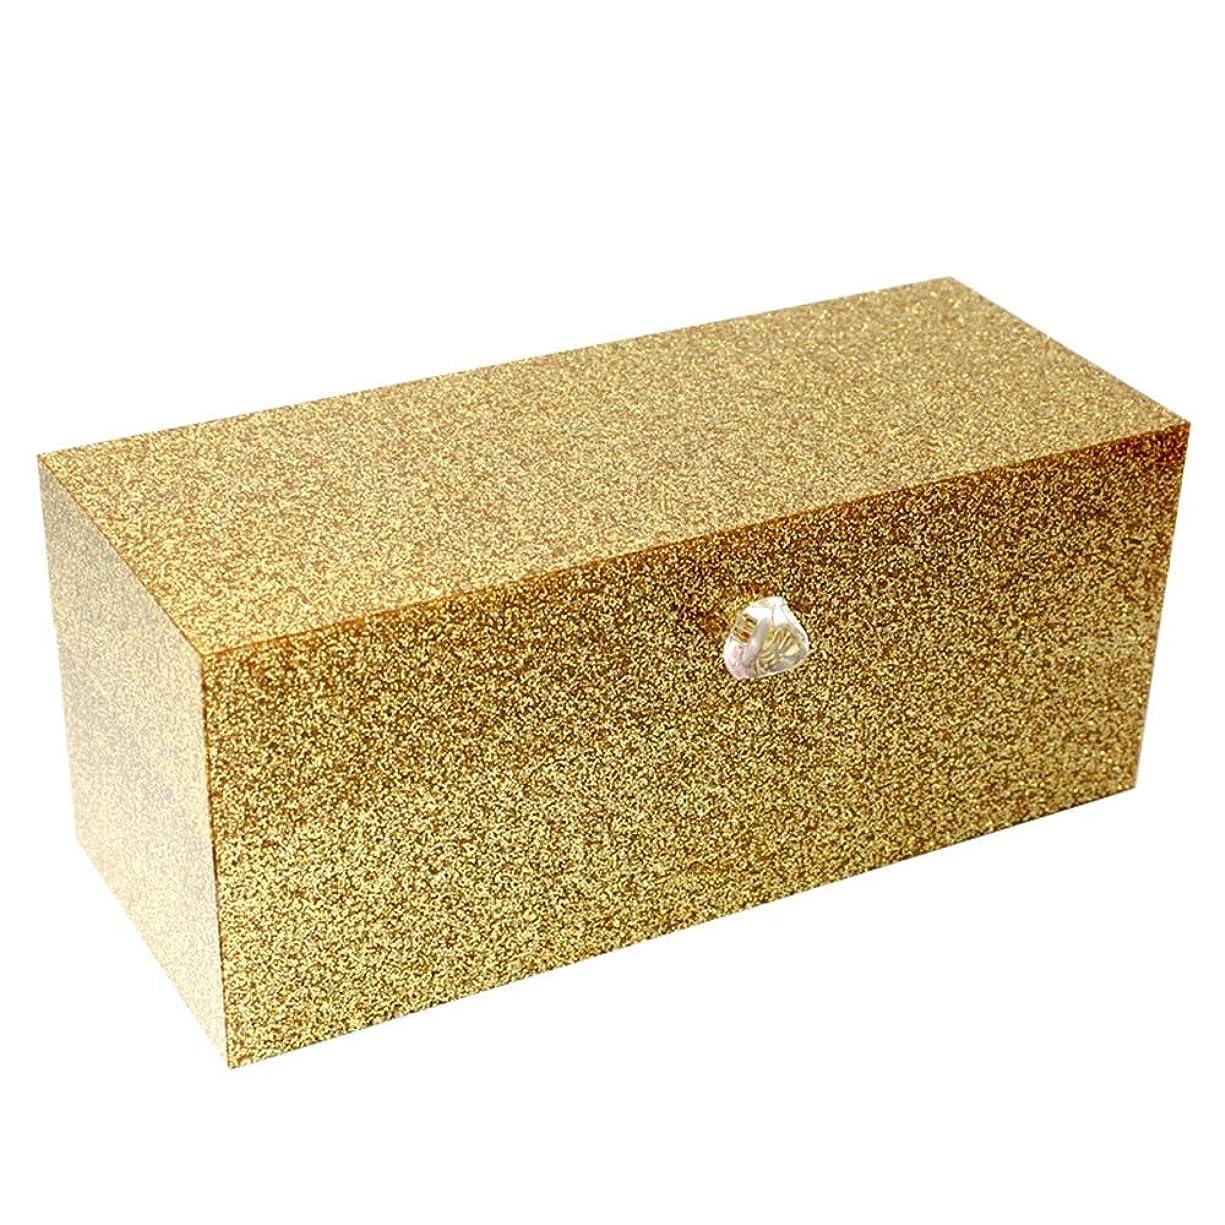 セレナラベル分類する整理簡単 口紅のアクリルの付属品を収納するための24のコンパートメントが付いている簡単な構造の貯蔵ふたが付いているオルガナイザー(金) (Color : Gold, Size : 23*9.5*9.2CM)